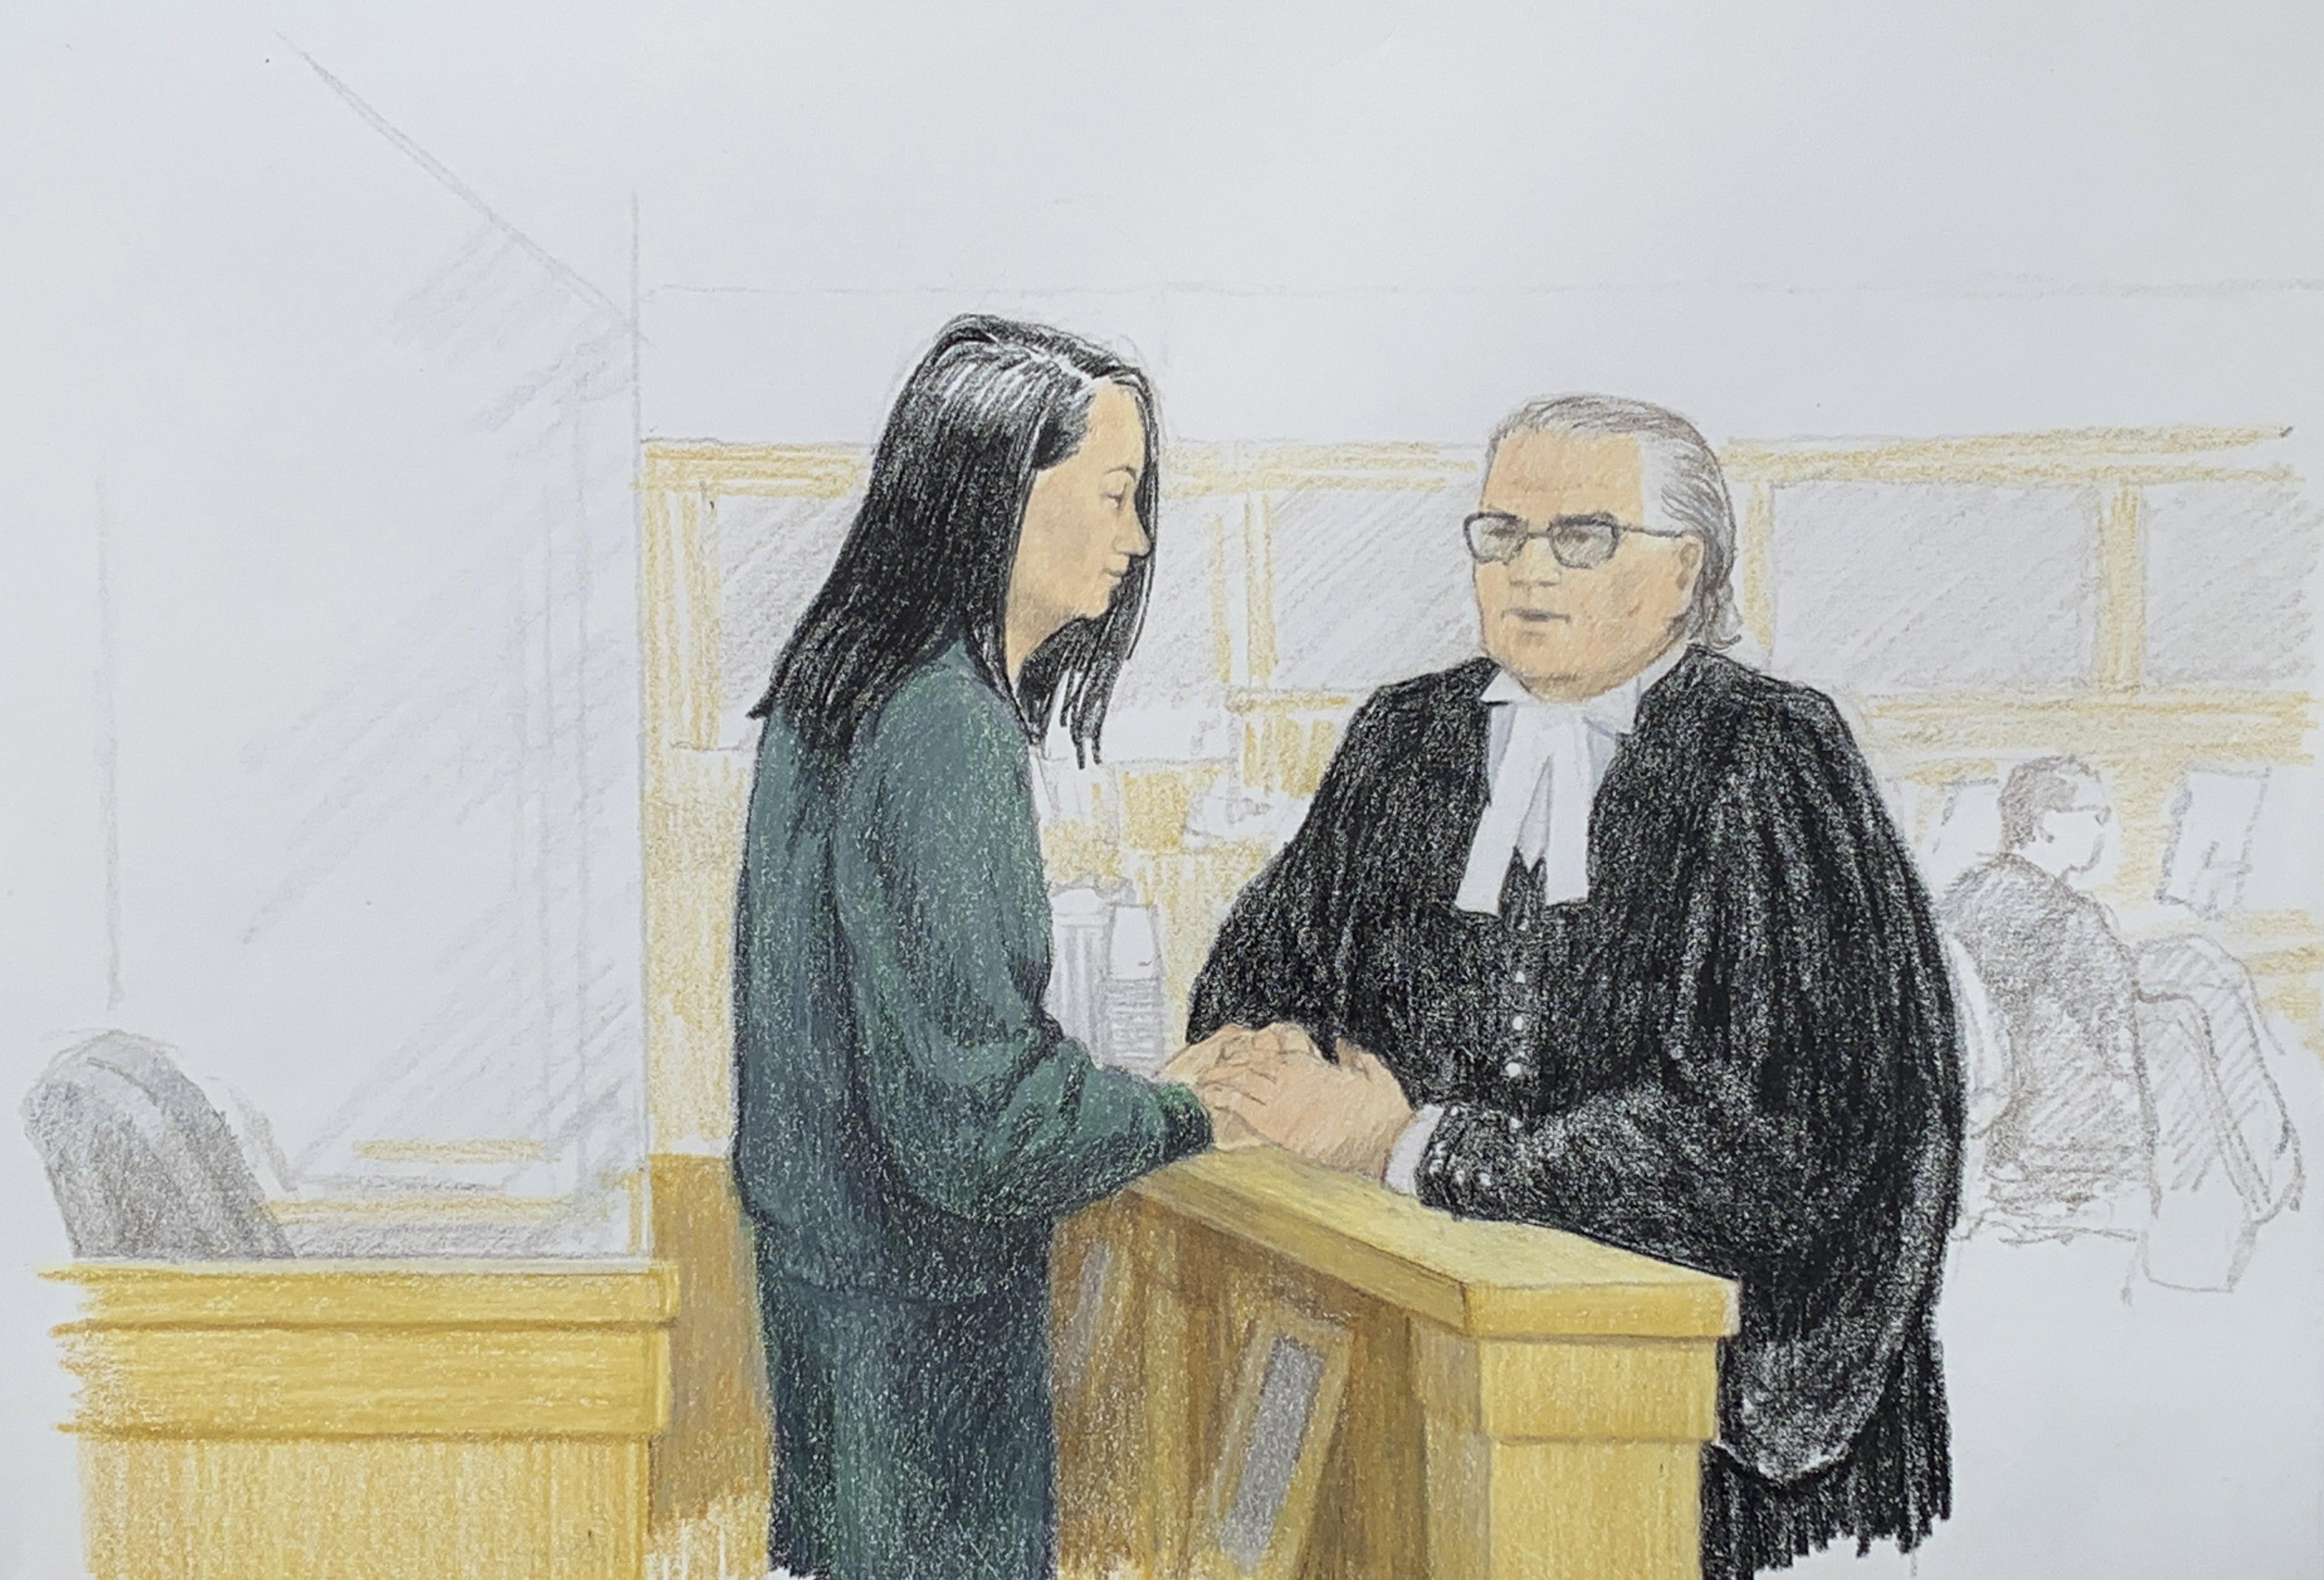 孟晚舟在12月10日保釋庭上與她的律師說話。(Jane Wolsak/Jane Wolsak/AFP)